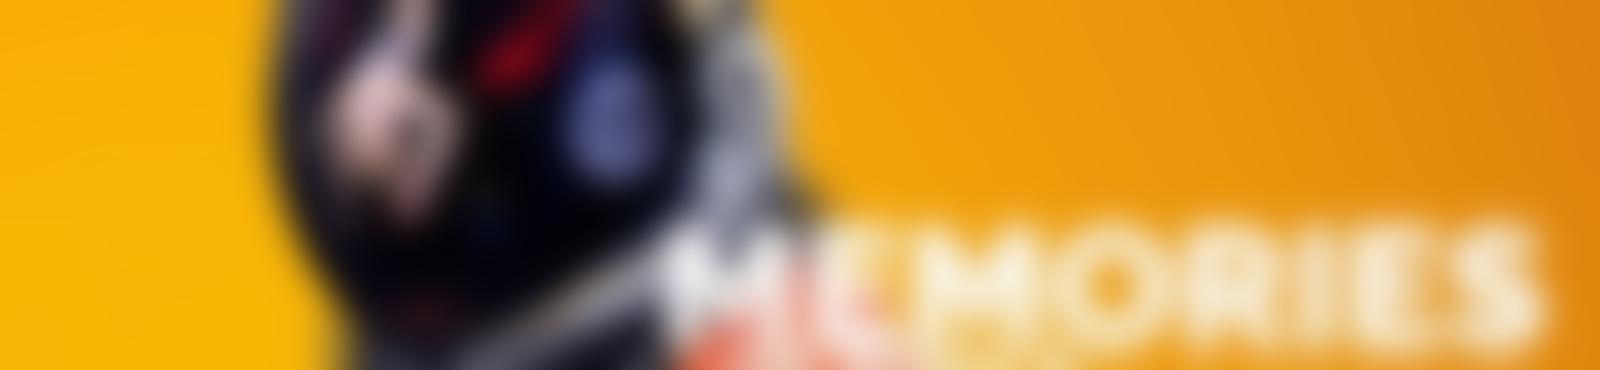 Blurred 23b29562 7c5d 4a3c a380 8420350e8e53